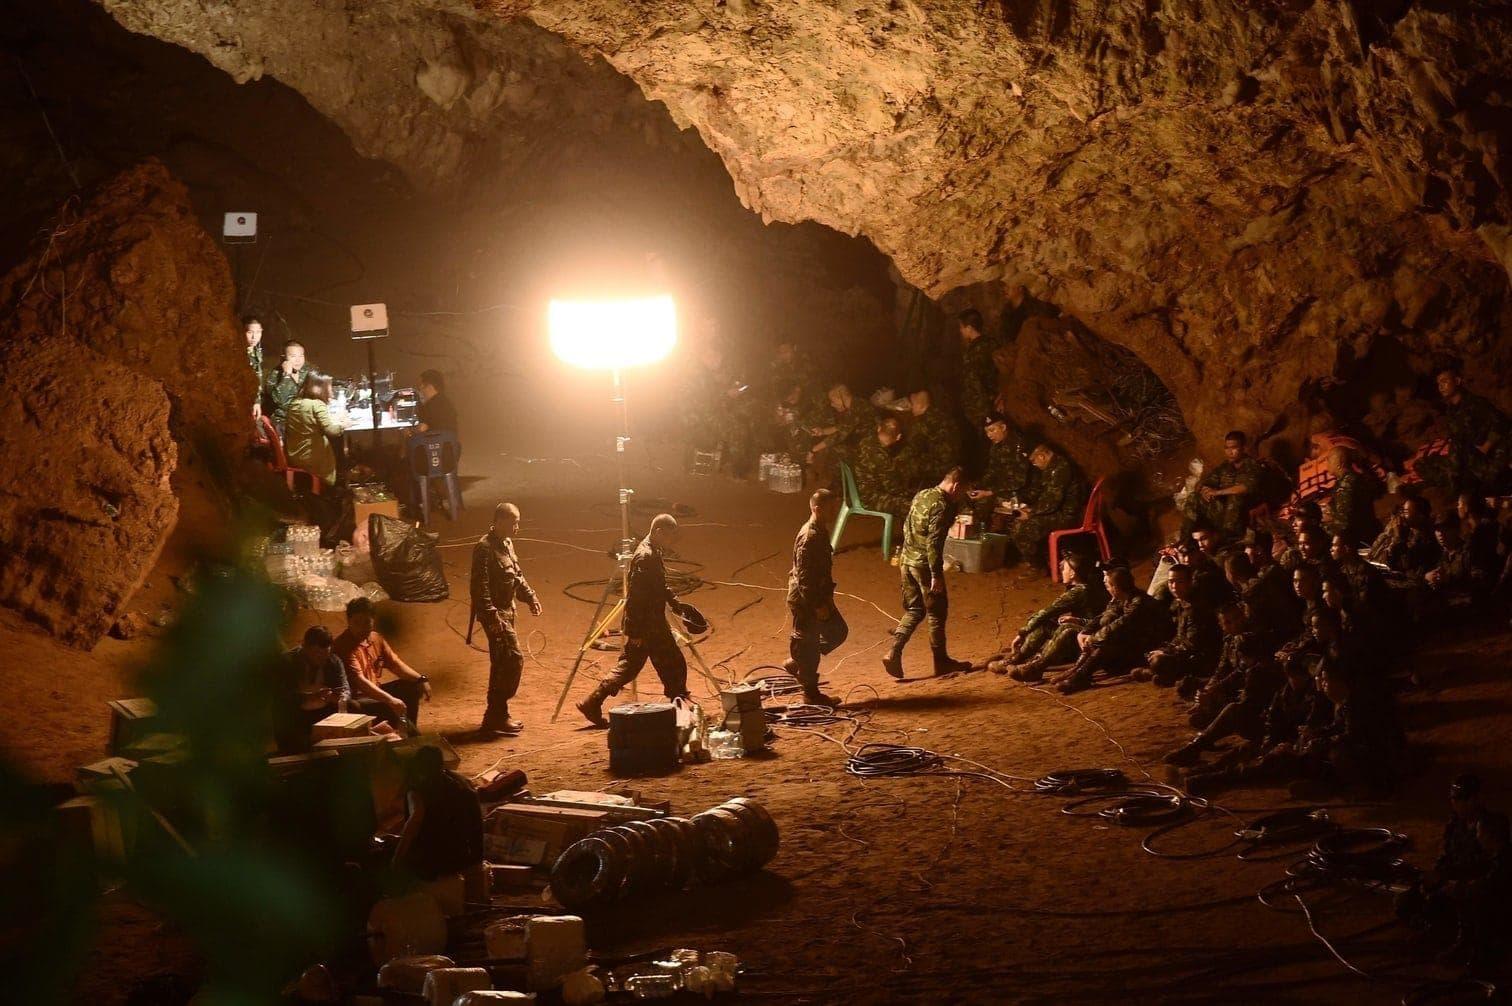 <p>Nach tagelanger Suche sei eine bislang unbekannte Öffnung zu einem weiteren Bereich der Höhle gefunden worden